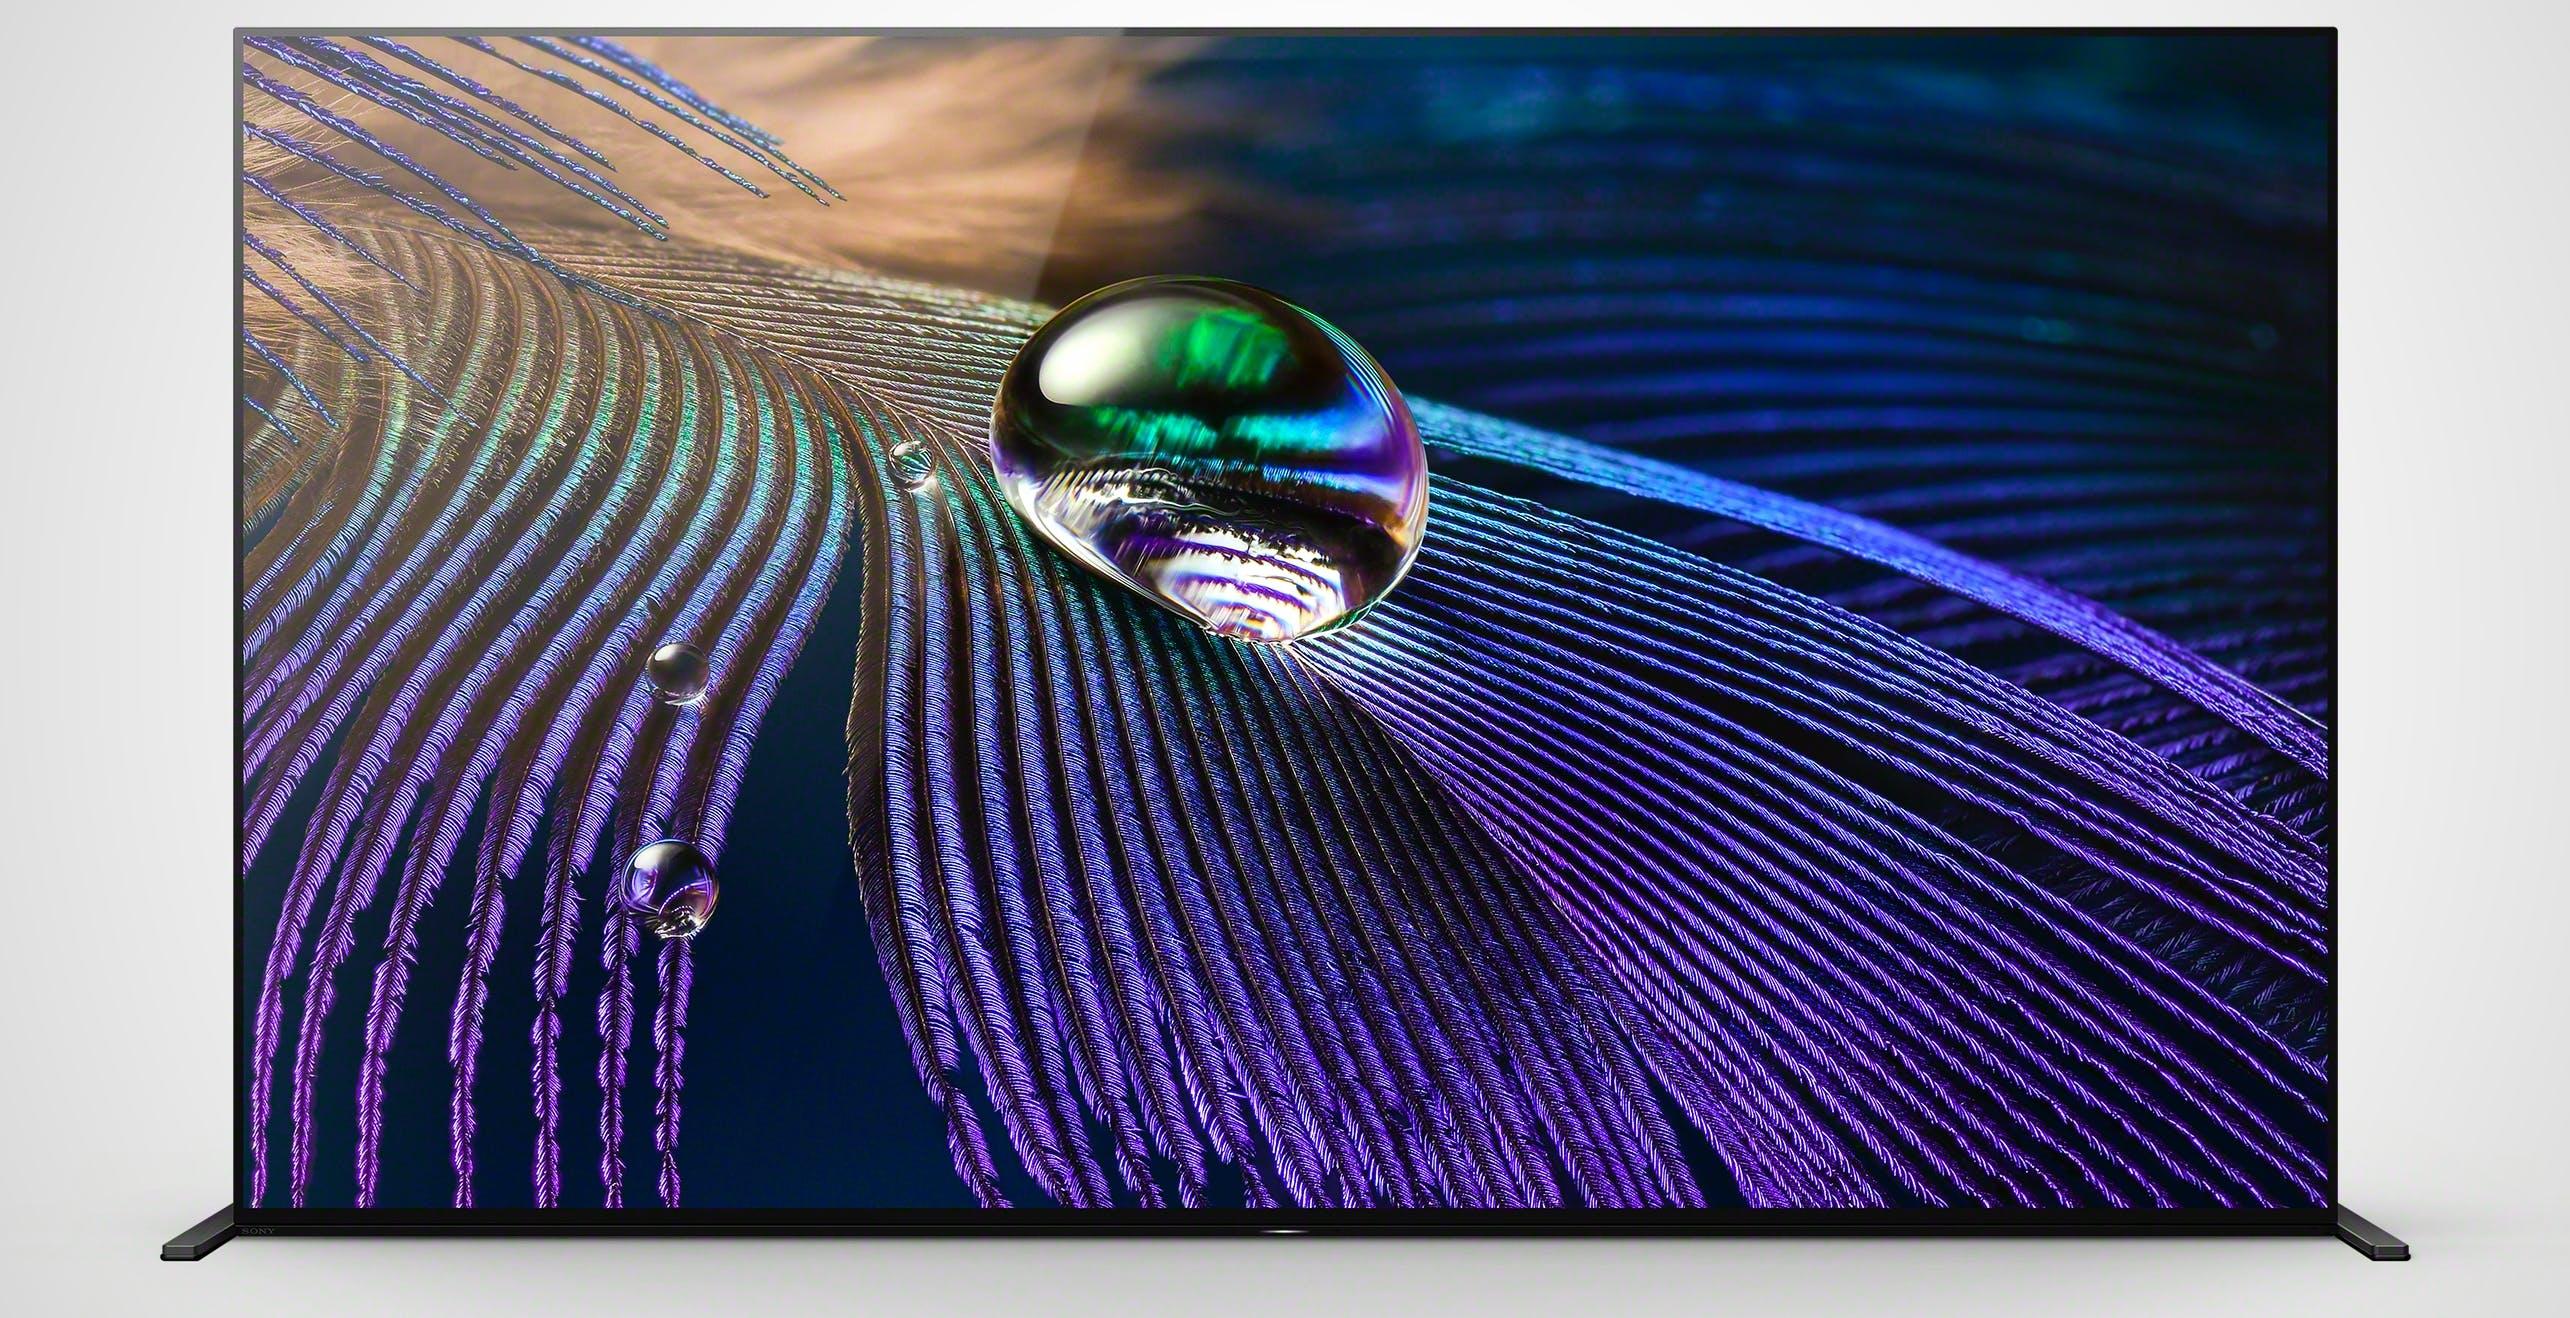 Con la serie A90J Sony introduce il top di gamma OLED ad alta luminosità